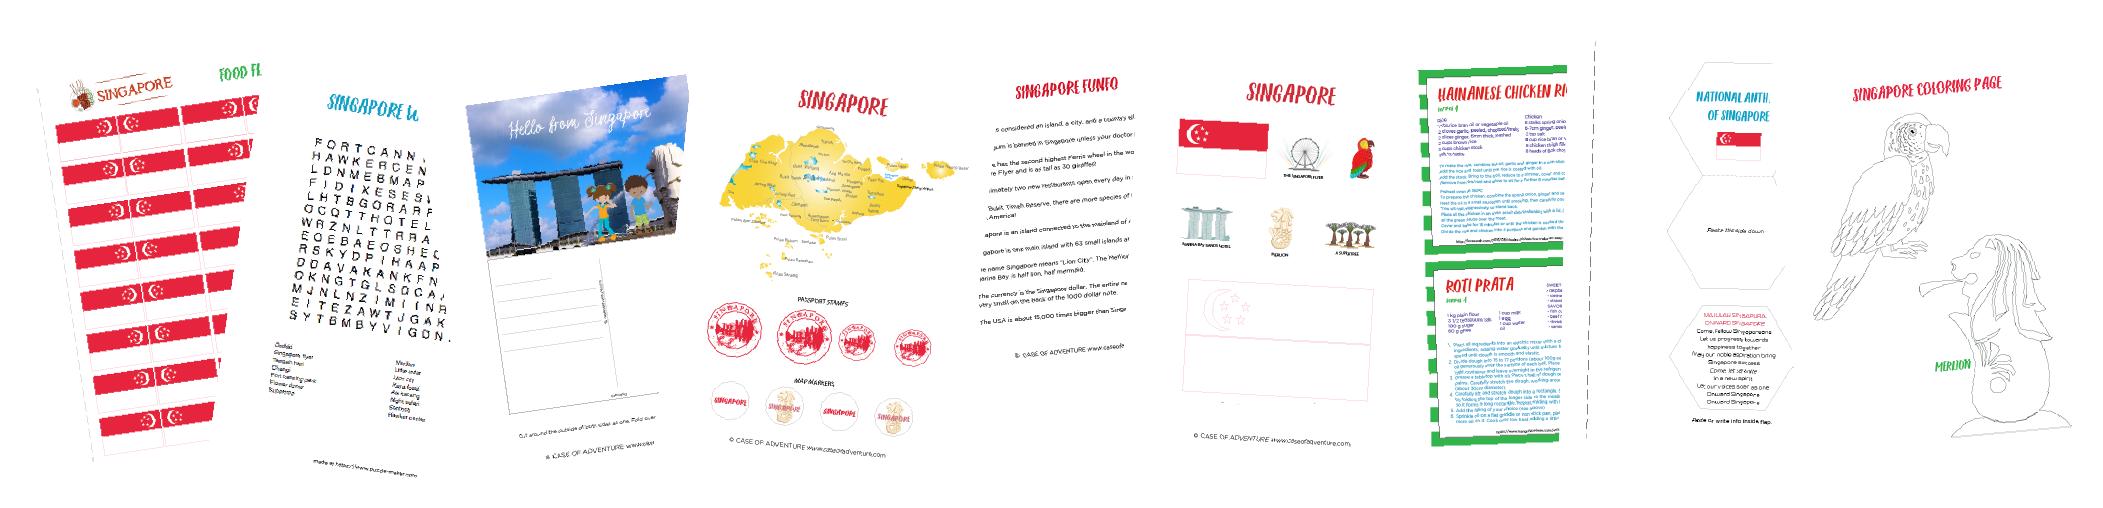 FREE Singapore Printables - Case of Adventure .com